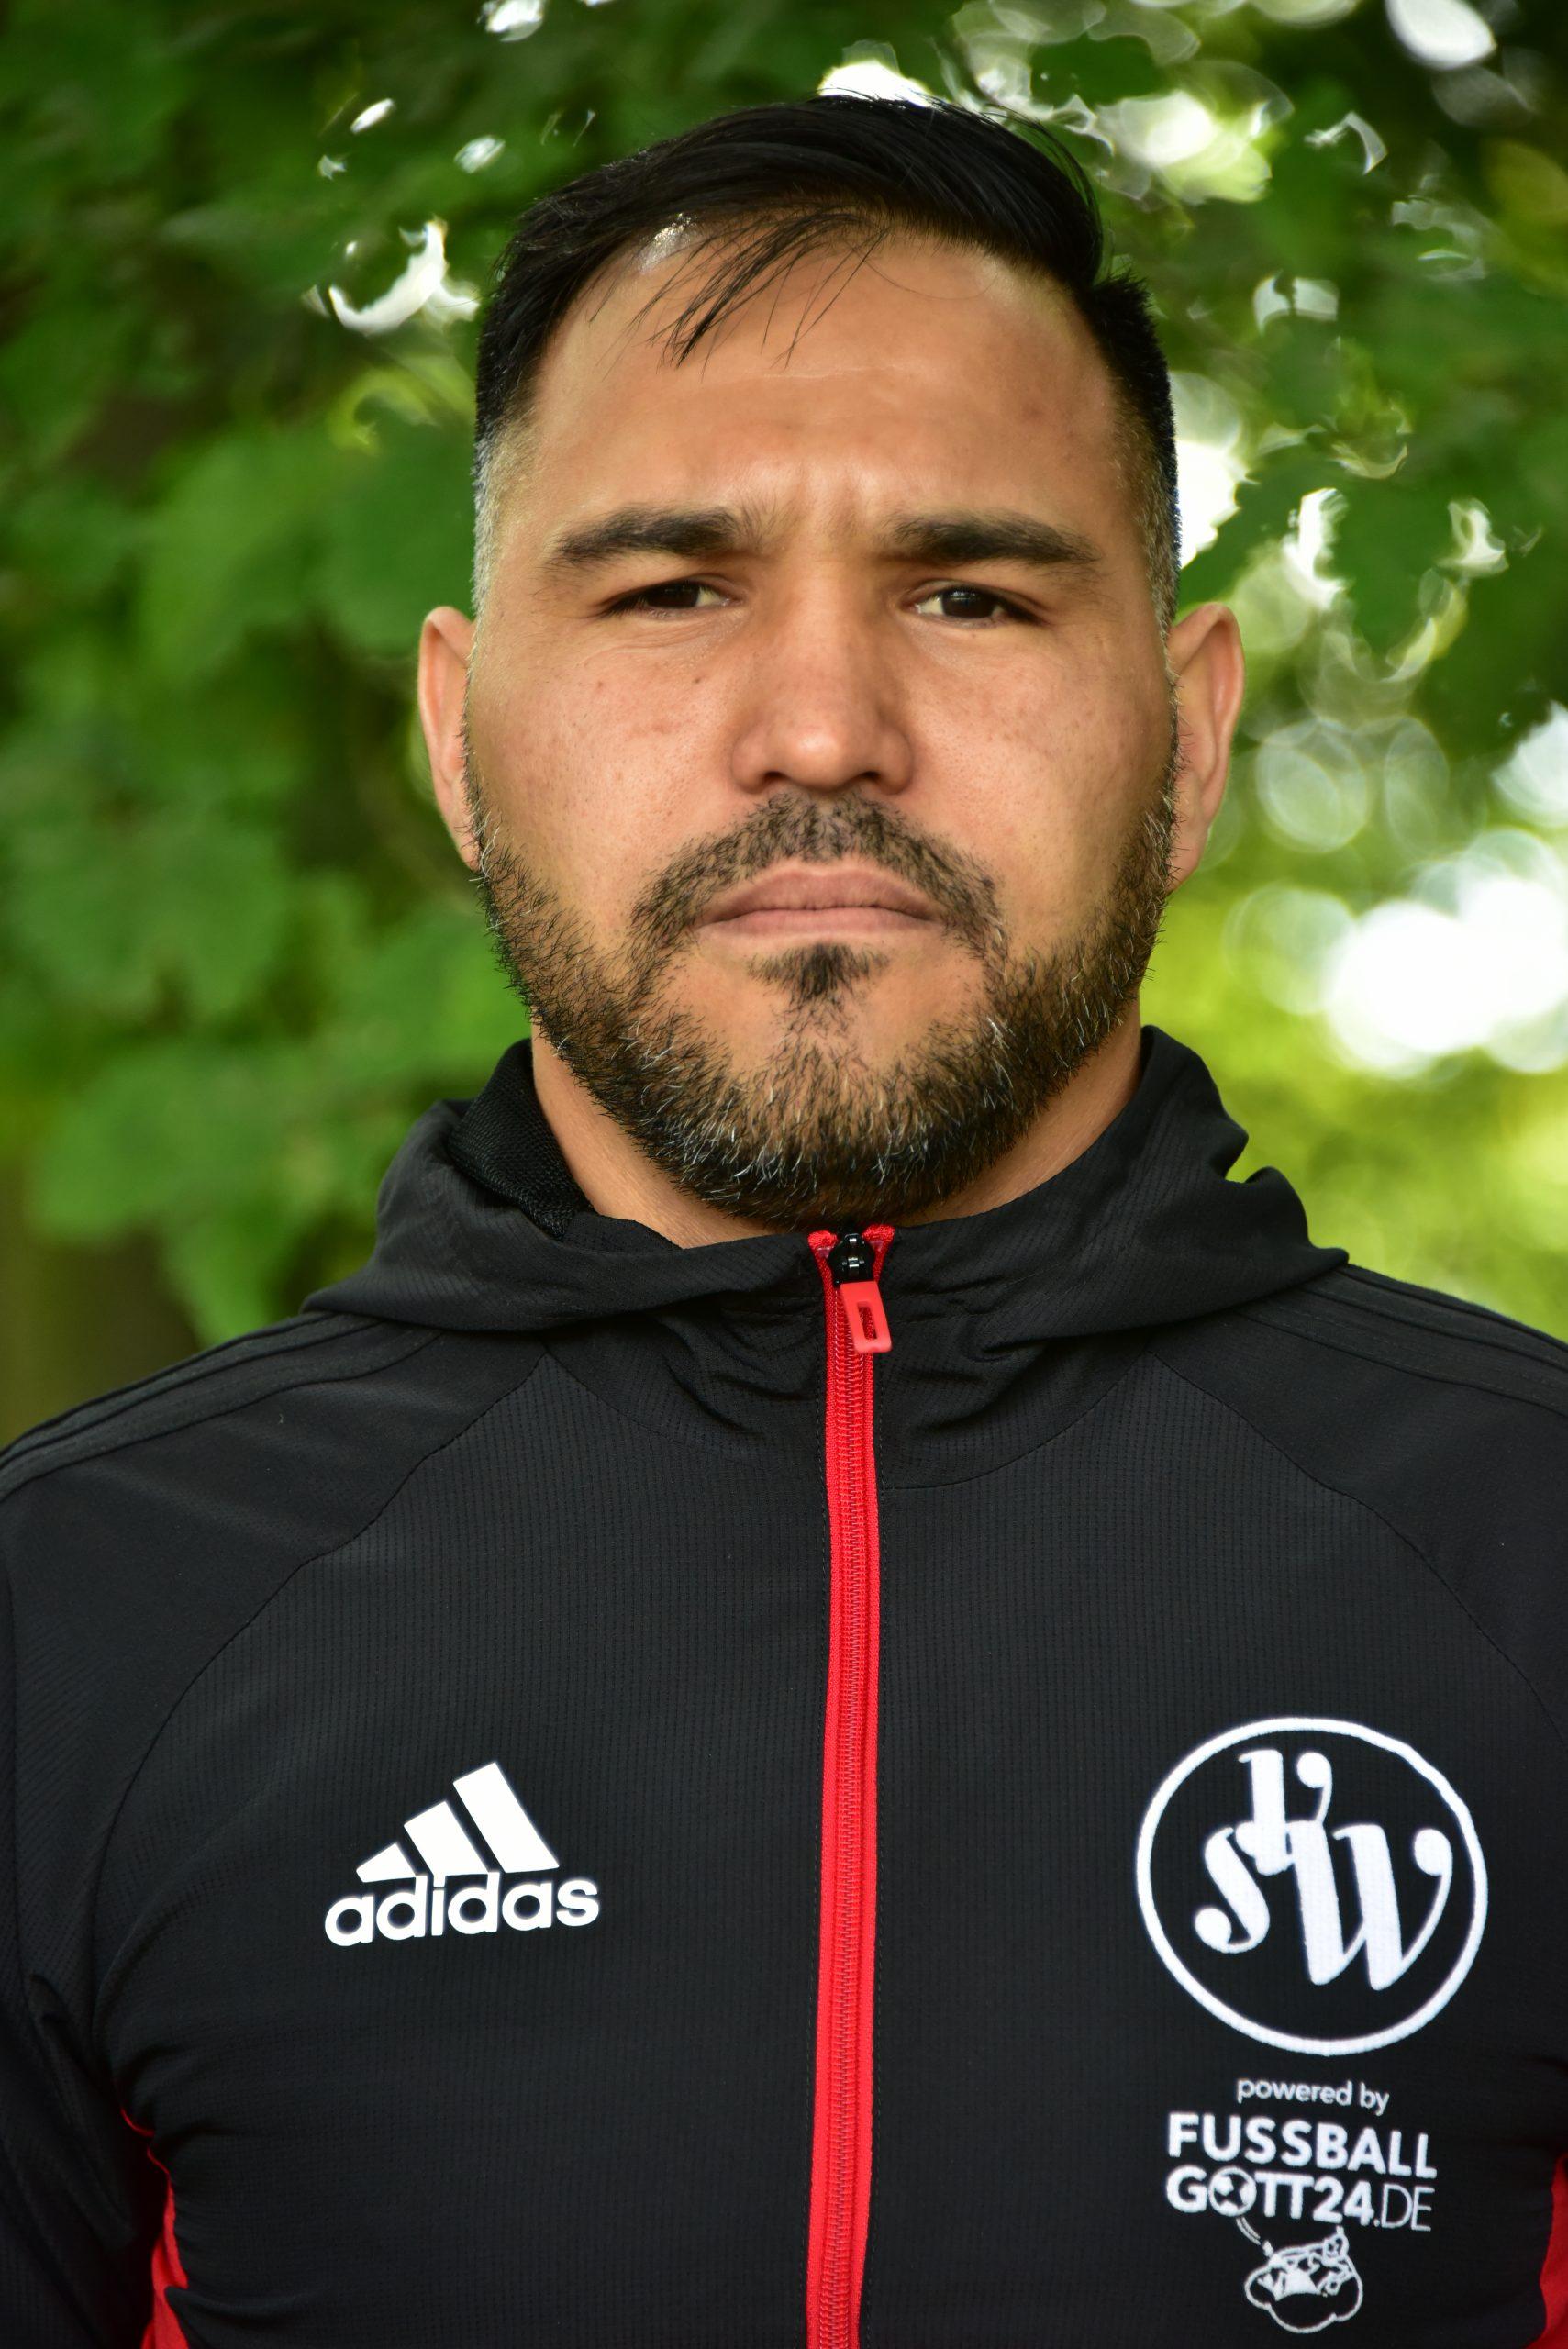 Farid Ibrahimi